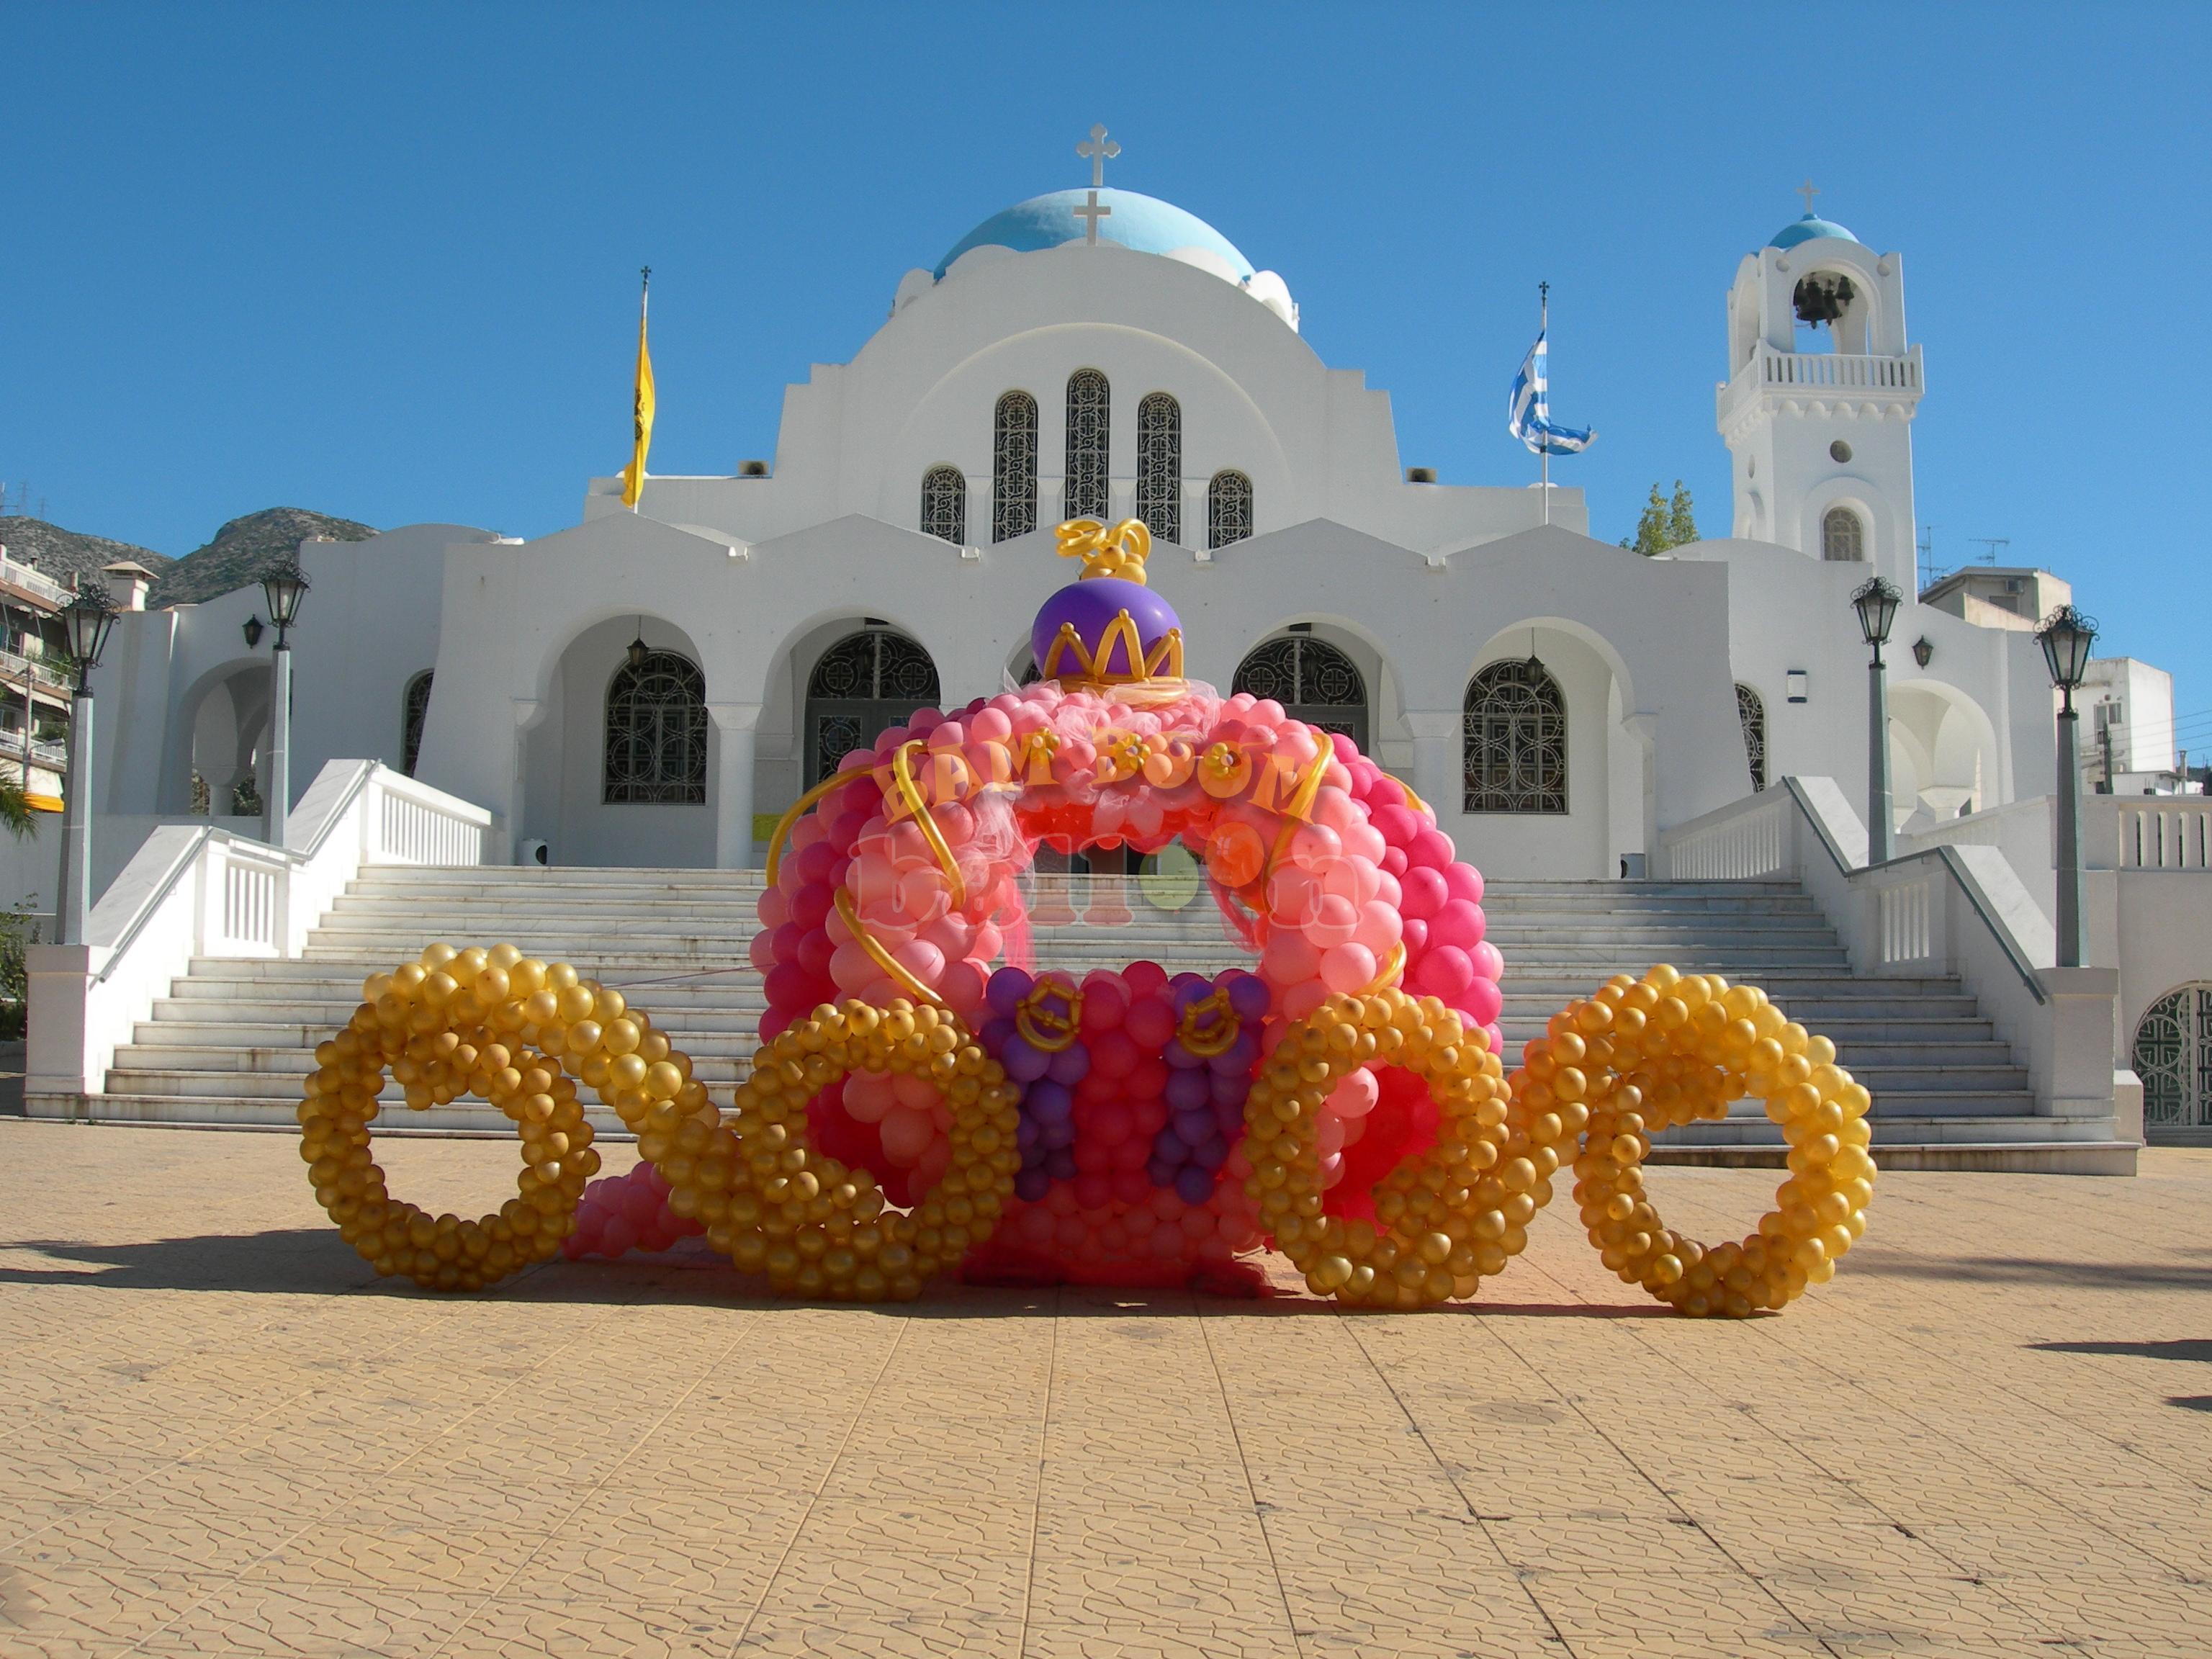 Jumbo άμαξα με μπαλόνια